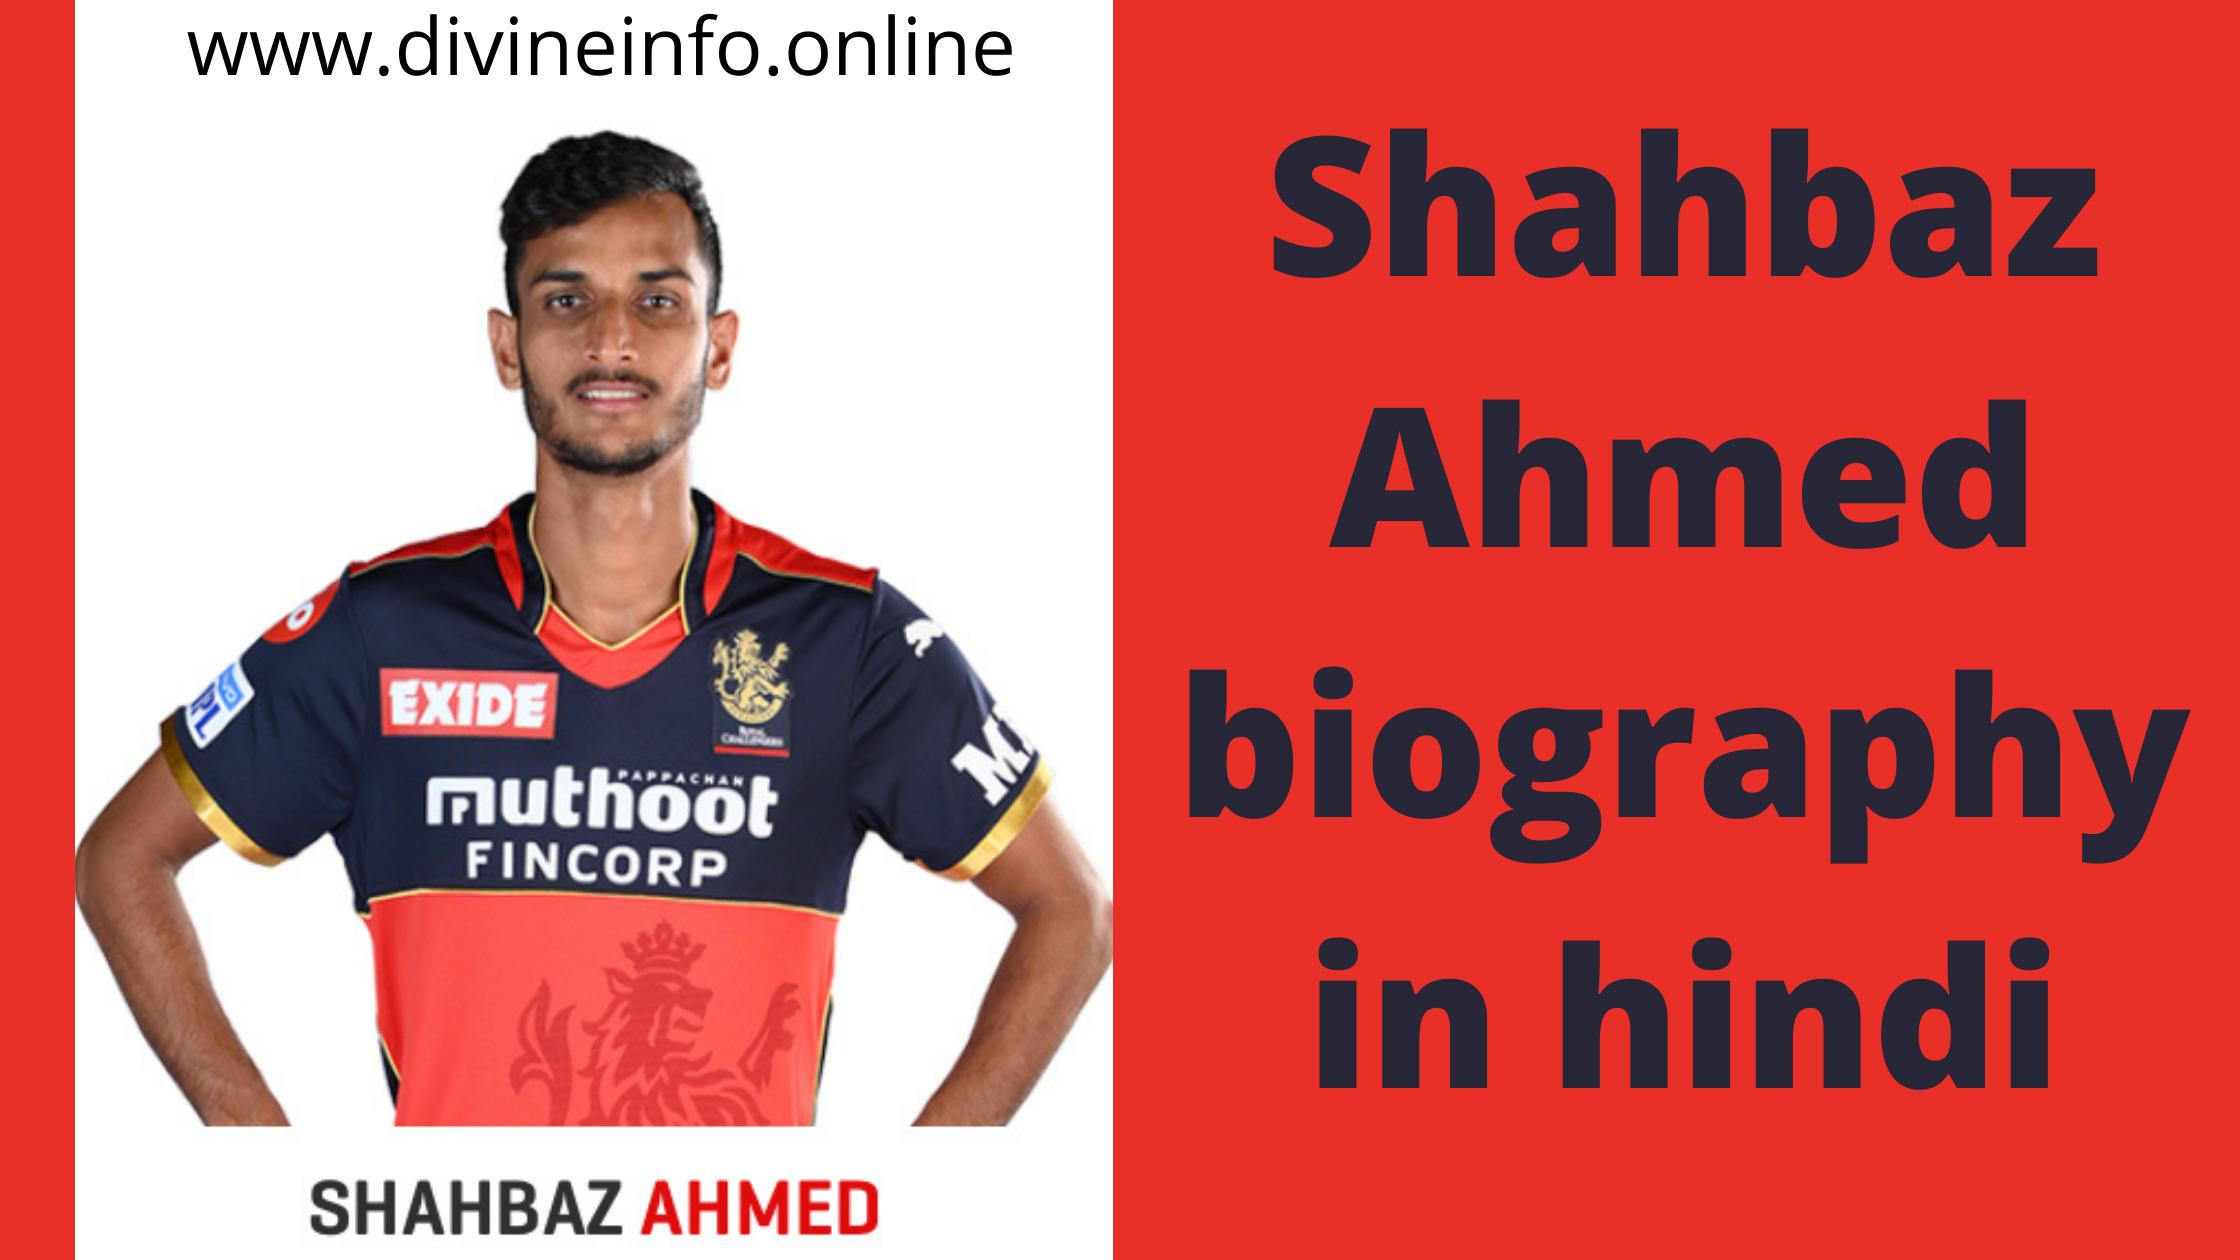 SHAHBAZ AHMED BIOGRAPHY IN HINDI !!शहबाजअहमद की जीवनी हिंदी में